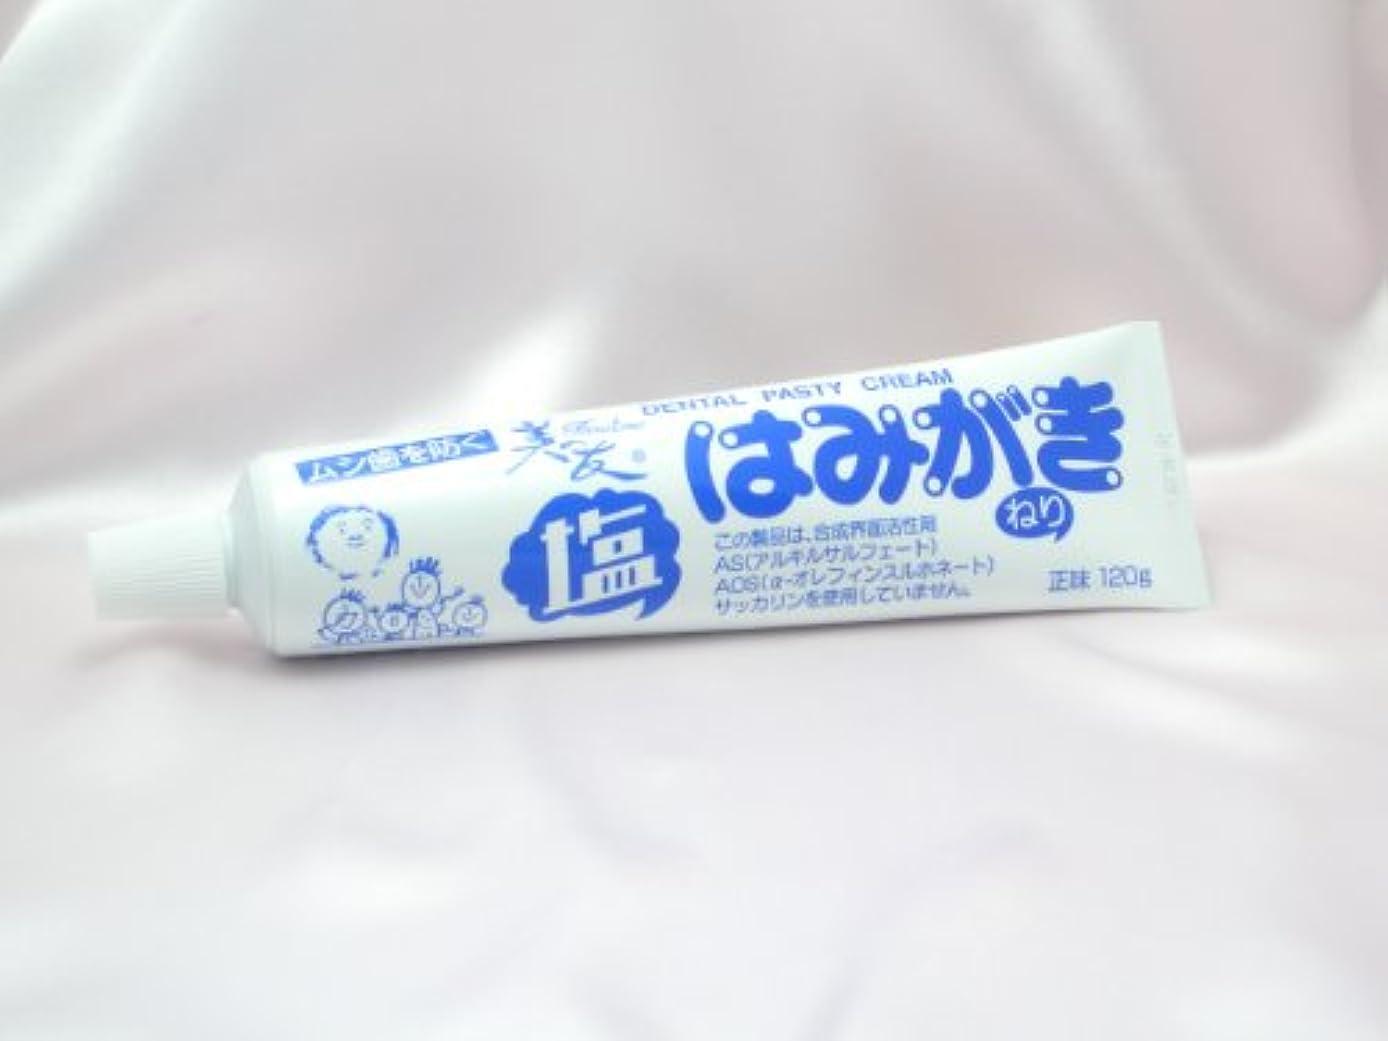 失態四分円境界【不動化学】塩はみがき120gお得用3本セット